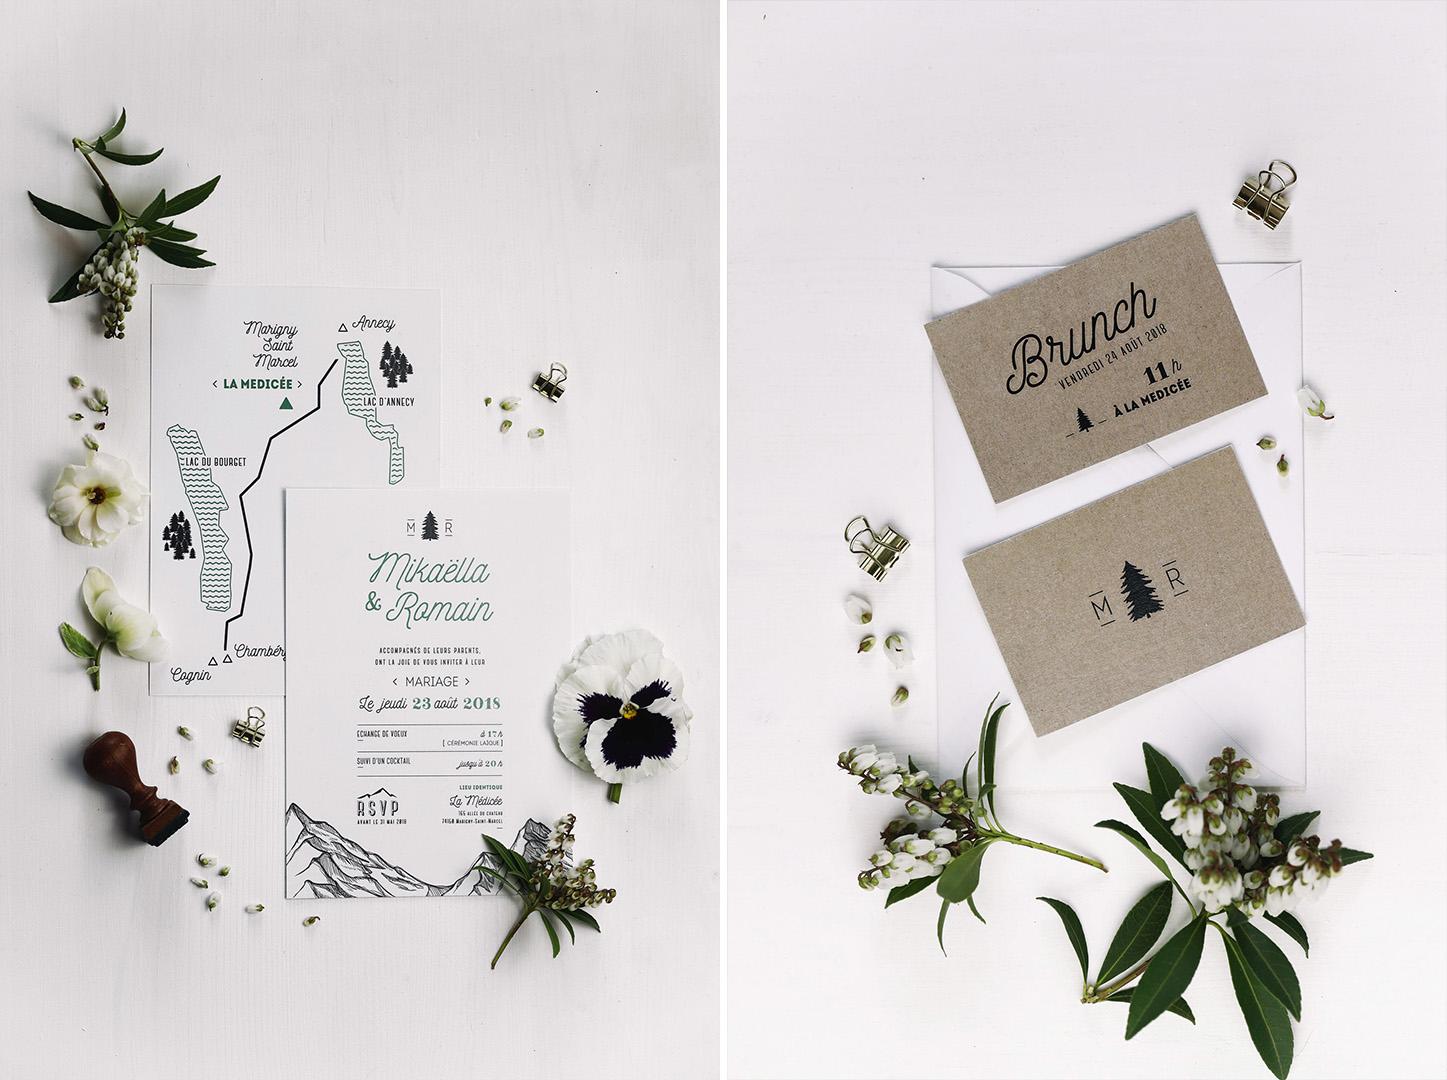 Plus adapté Décoration de mariage montagne Annecy | Majenia Design HP-96